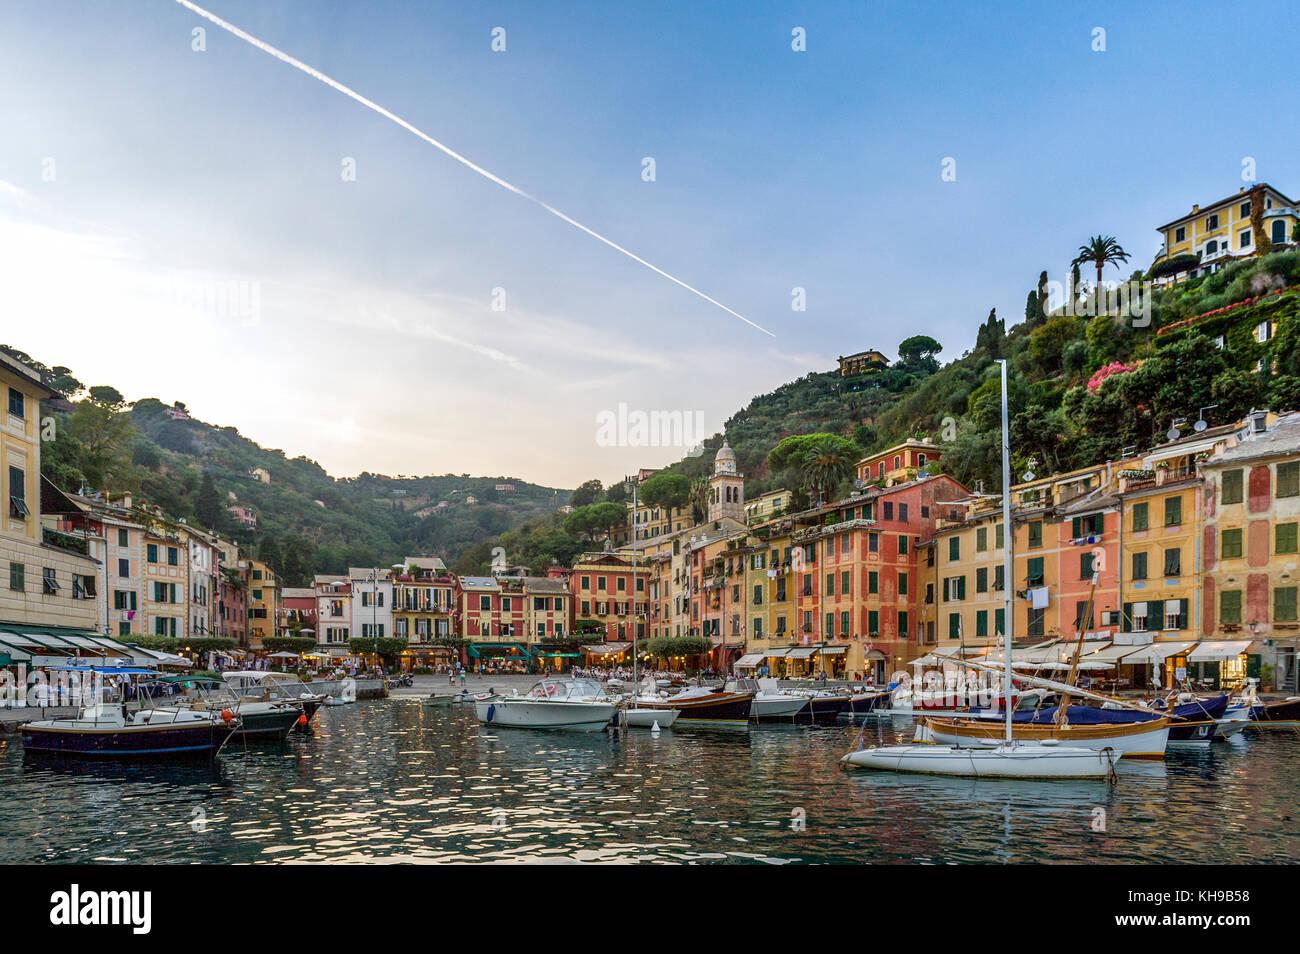 Italia Liguria. Golfo de Tigullio Riviera italiana, Portofino. Imagen De Stock